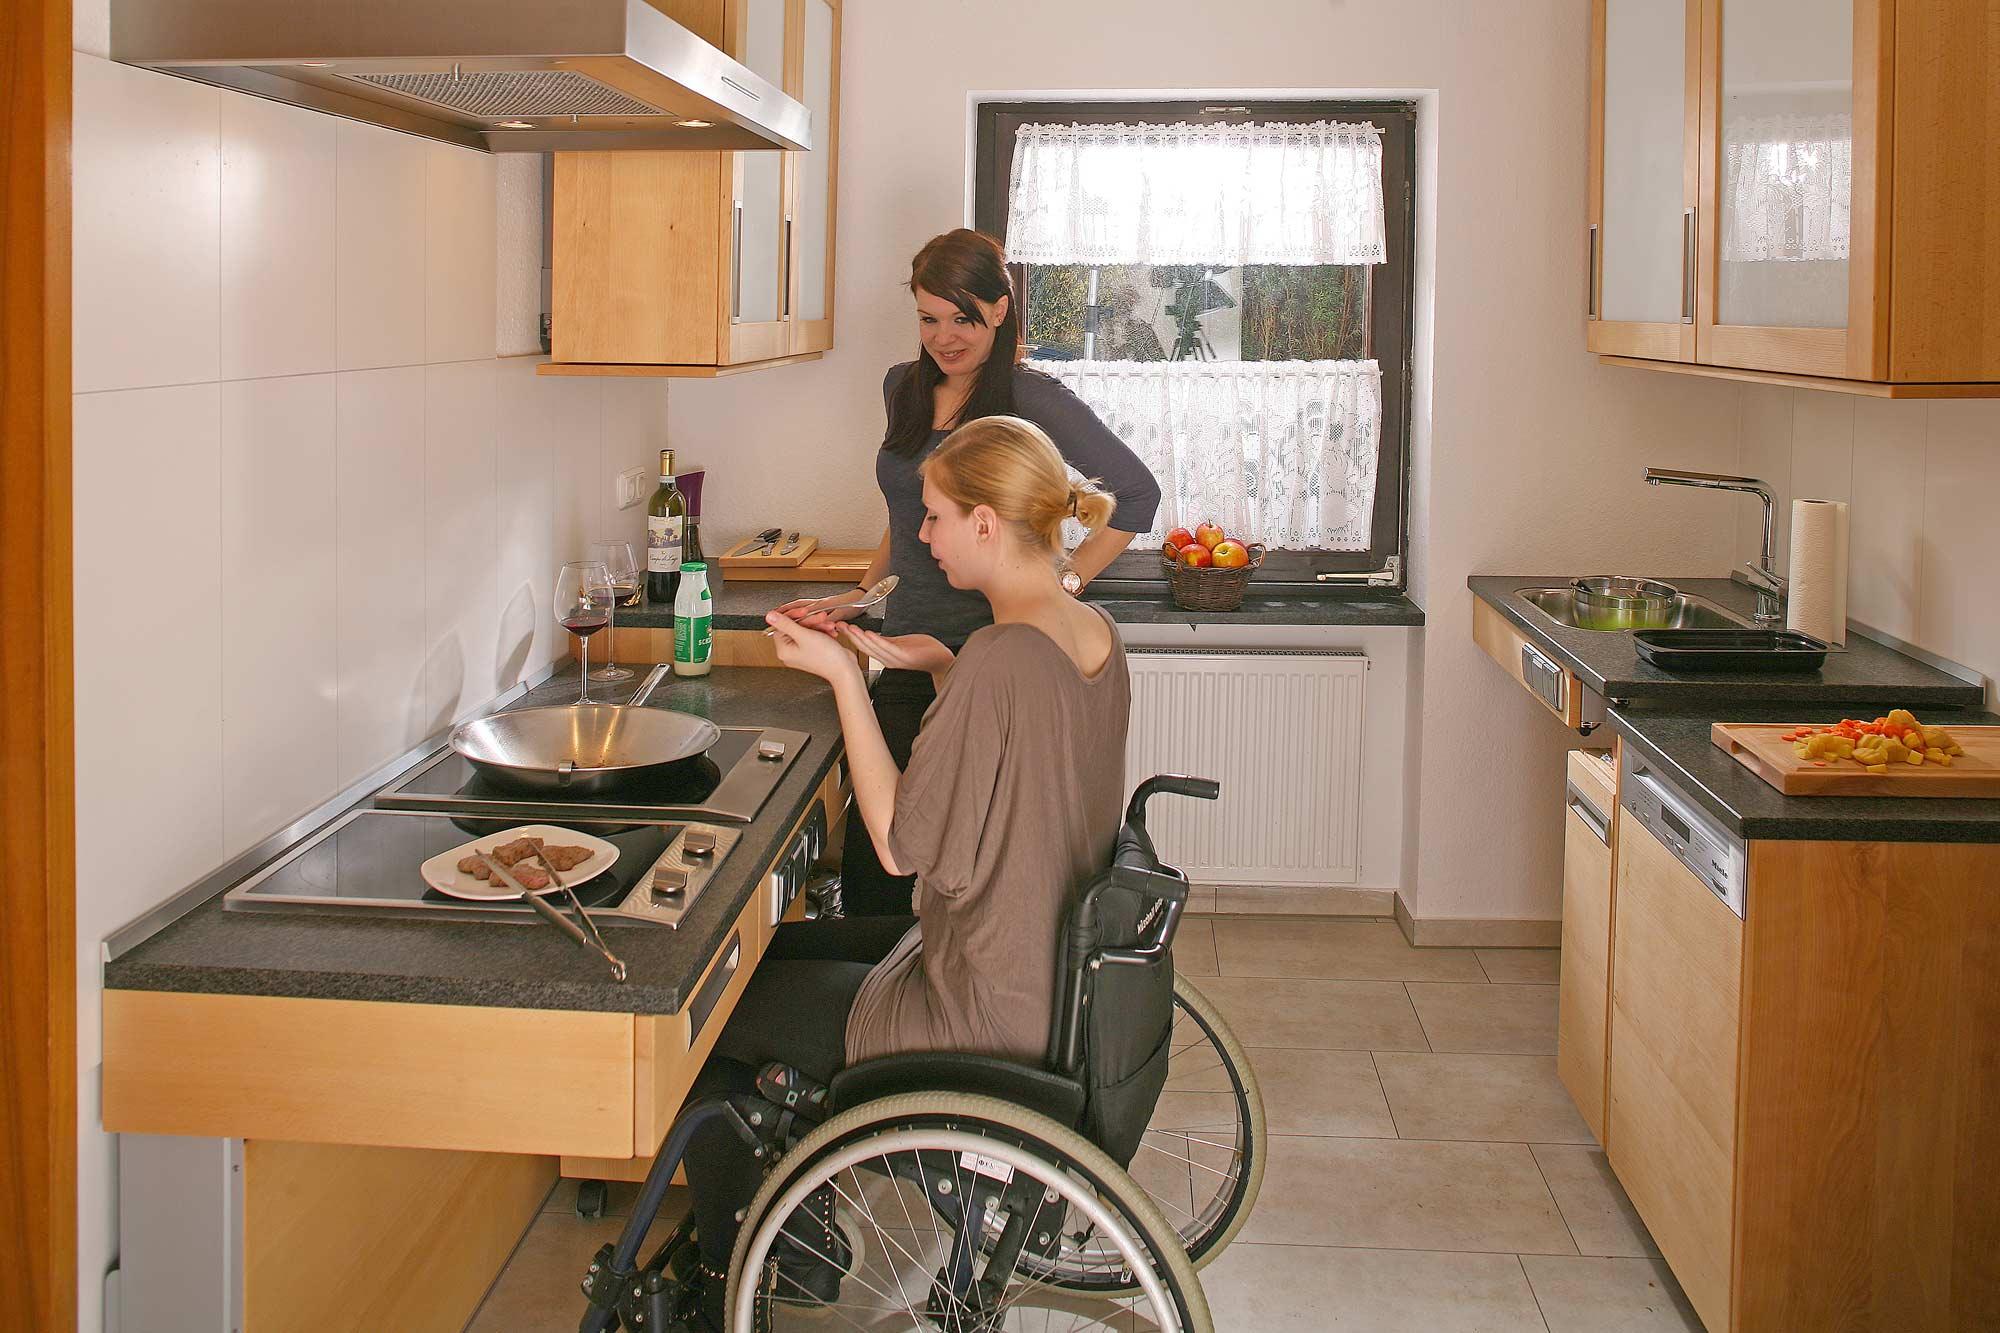 Full Size of Barrierefreie Küche Ikea Behindertengerechte Kche Mobilittskche Barrierefrei Fr Ein Holzofen Ohne Geräte Eckschrank Werkbank Niederdruck Armatur Was Kostet Wohnzimmer Barrierefreie Küche Ikea